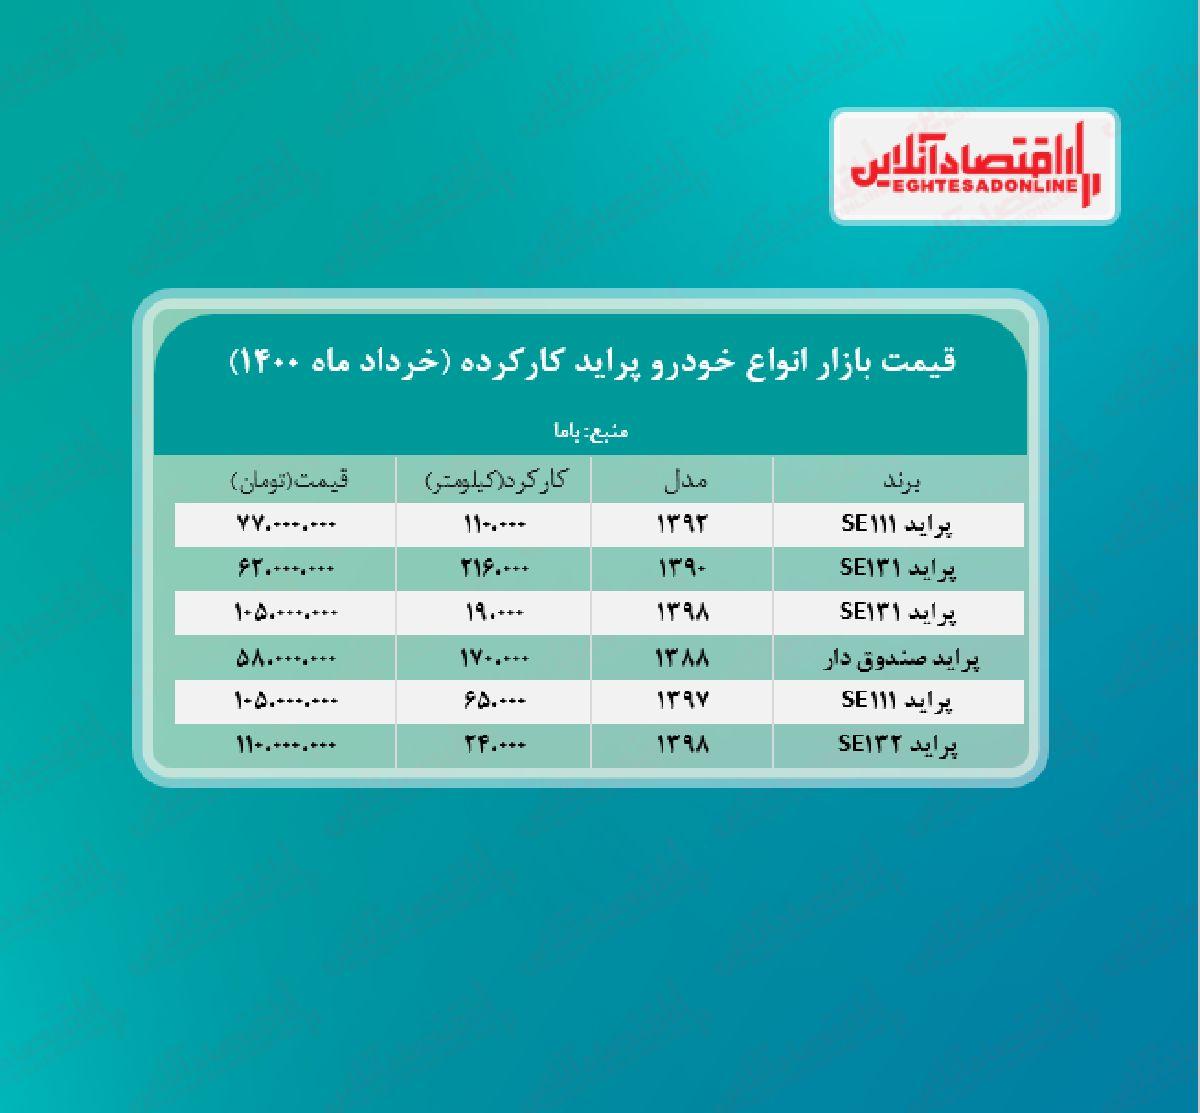 قیمت پراید کارکرده امروز ۱۴۰۰/۳/۱۲